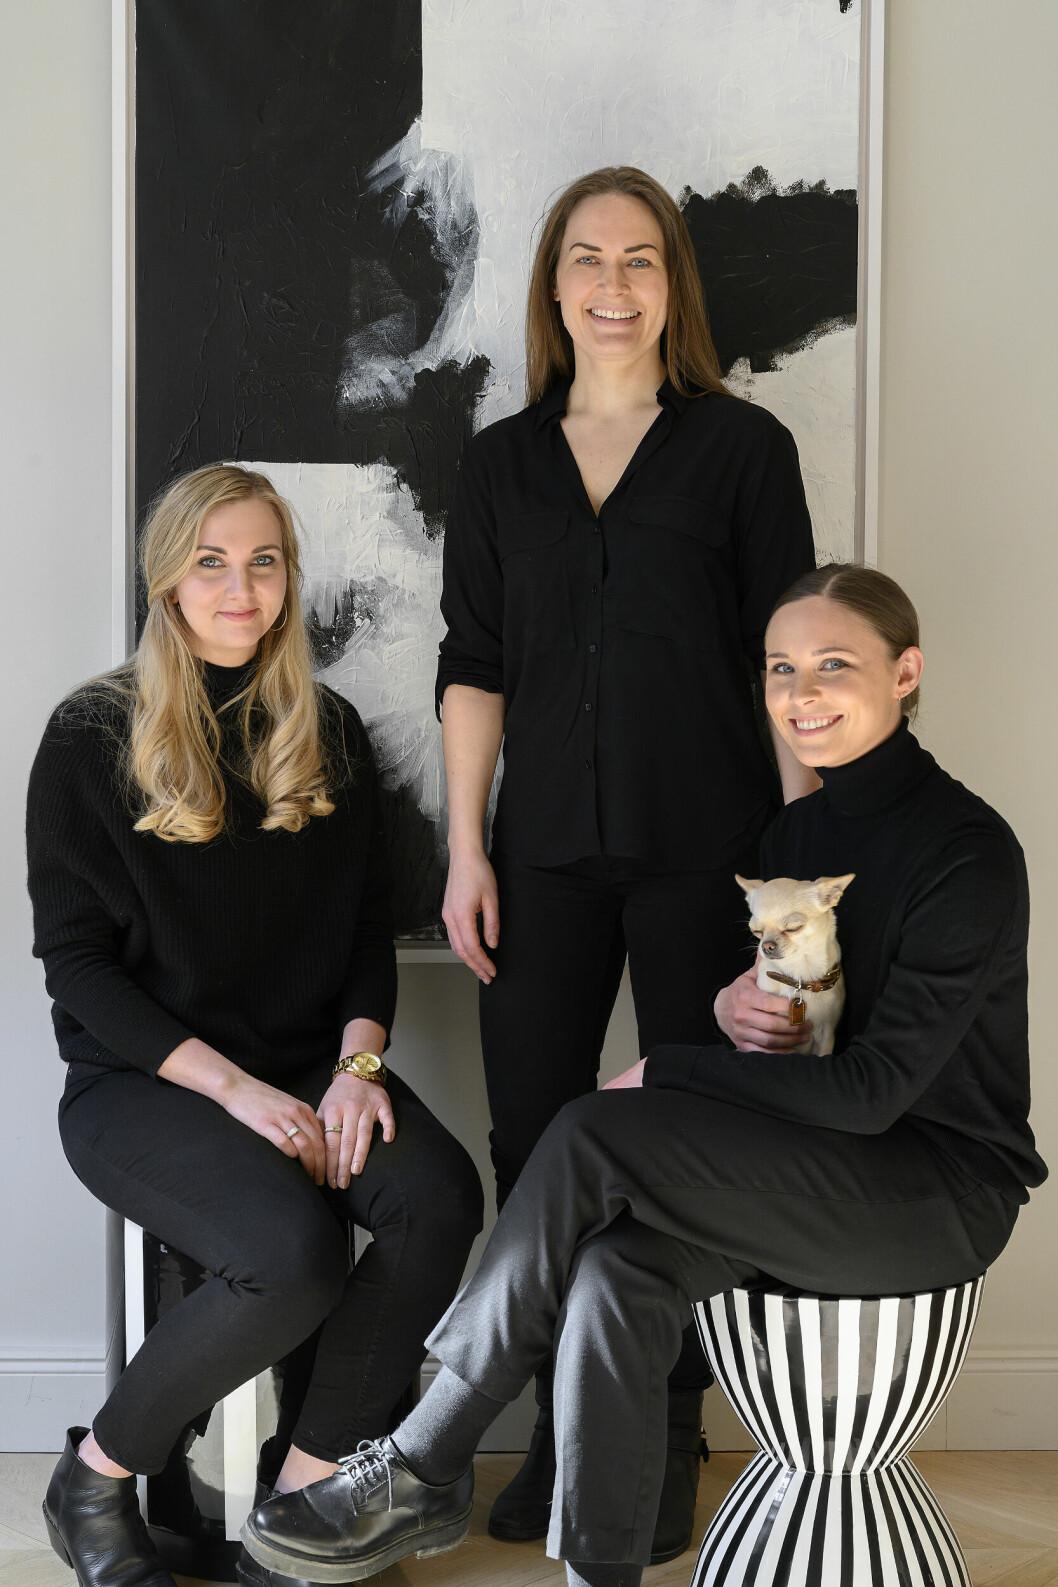 Byrån Refine Design Studio. Från vänster: Beatrice Wirsén (inredningsarkitekt), Natalie Strömberg (grundare och ägare) och Alice Genberg (designer).